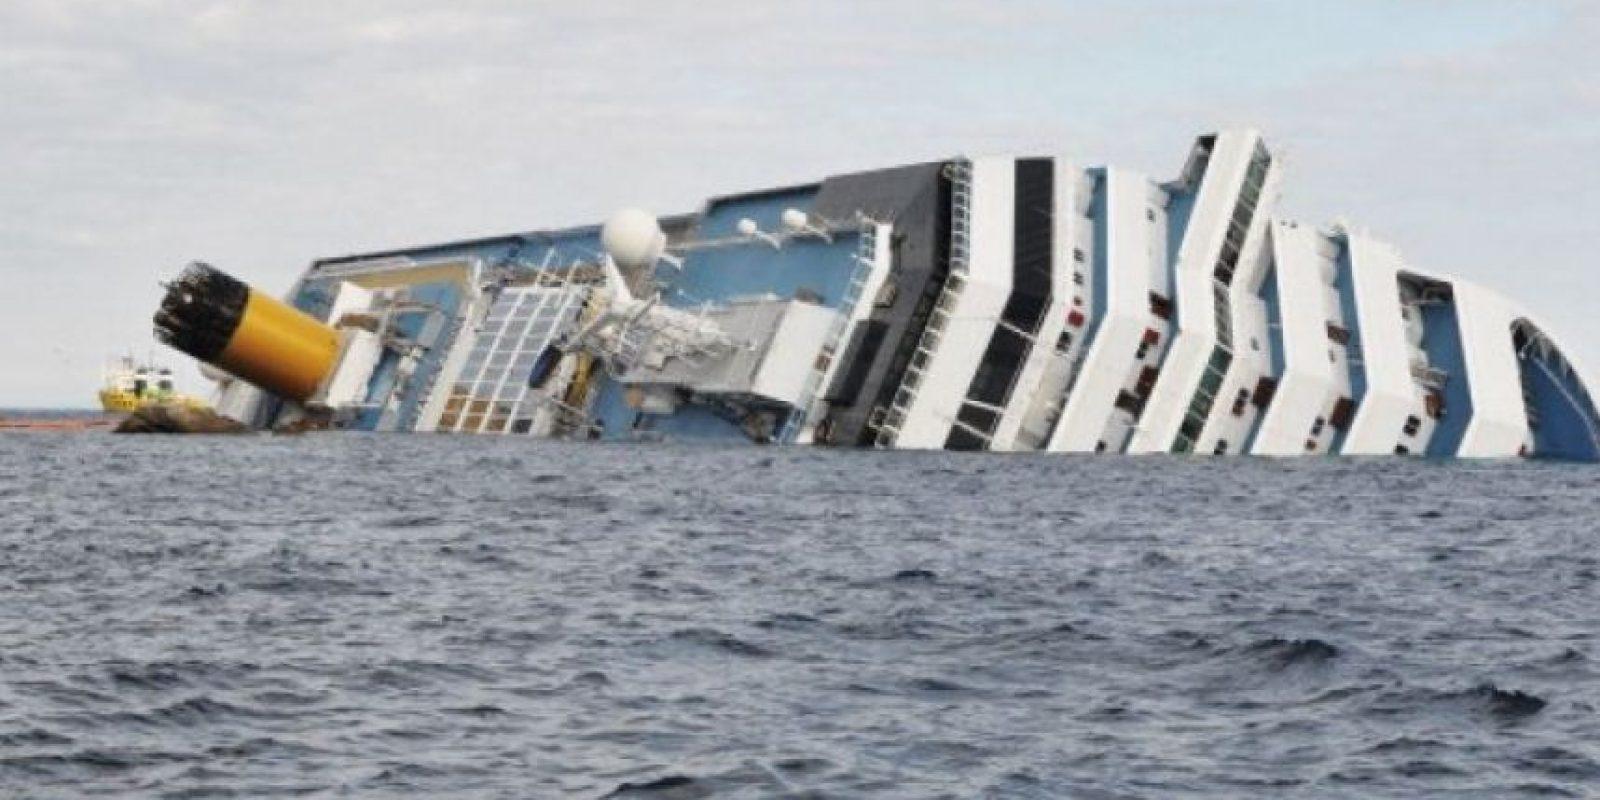 32 personas murieron y más de 4197 fueron evacuadas. El 23 de julio de este año se realizó la segunda parte de su rescate Foto:Getty Images